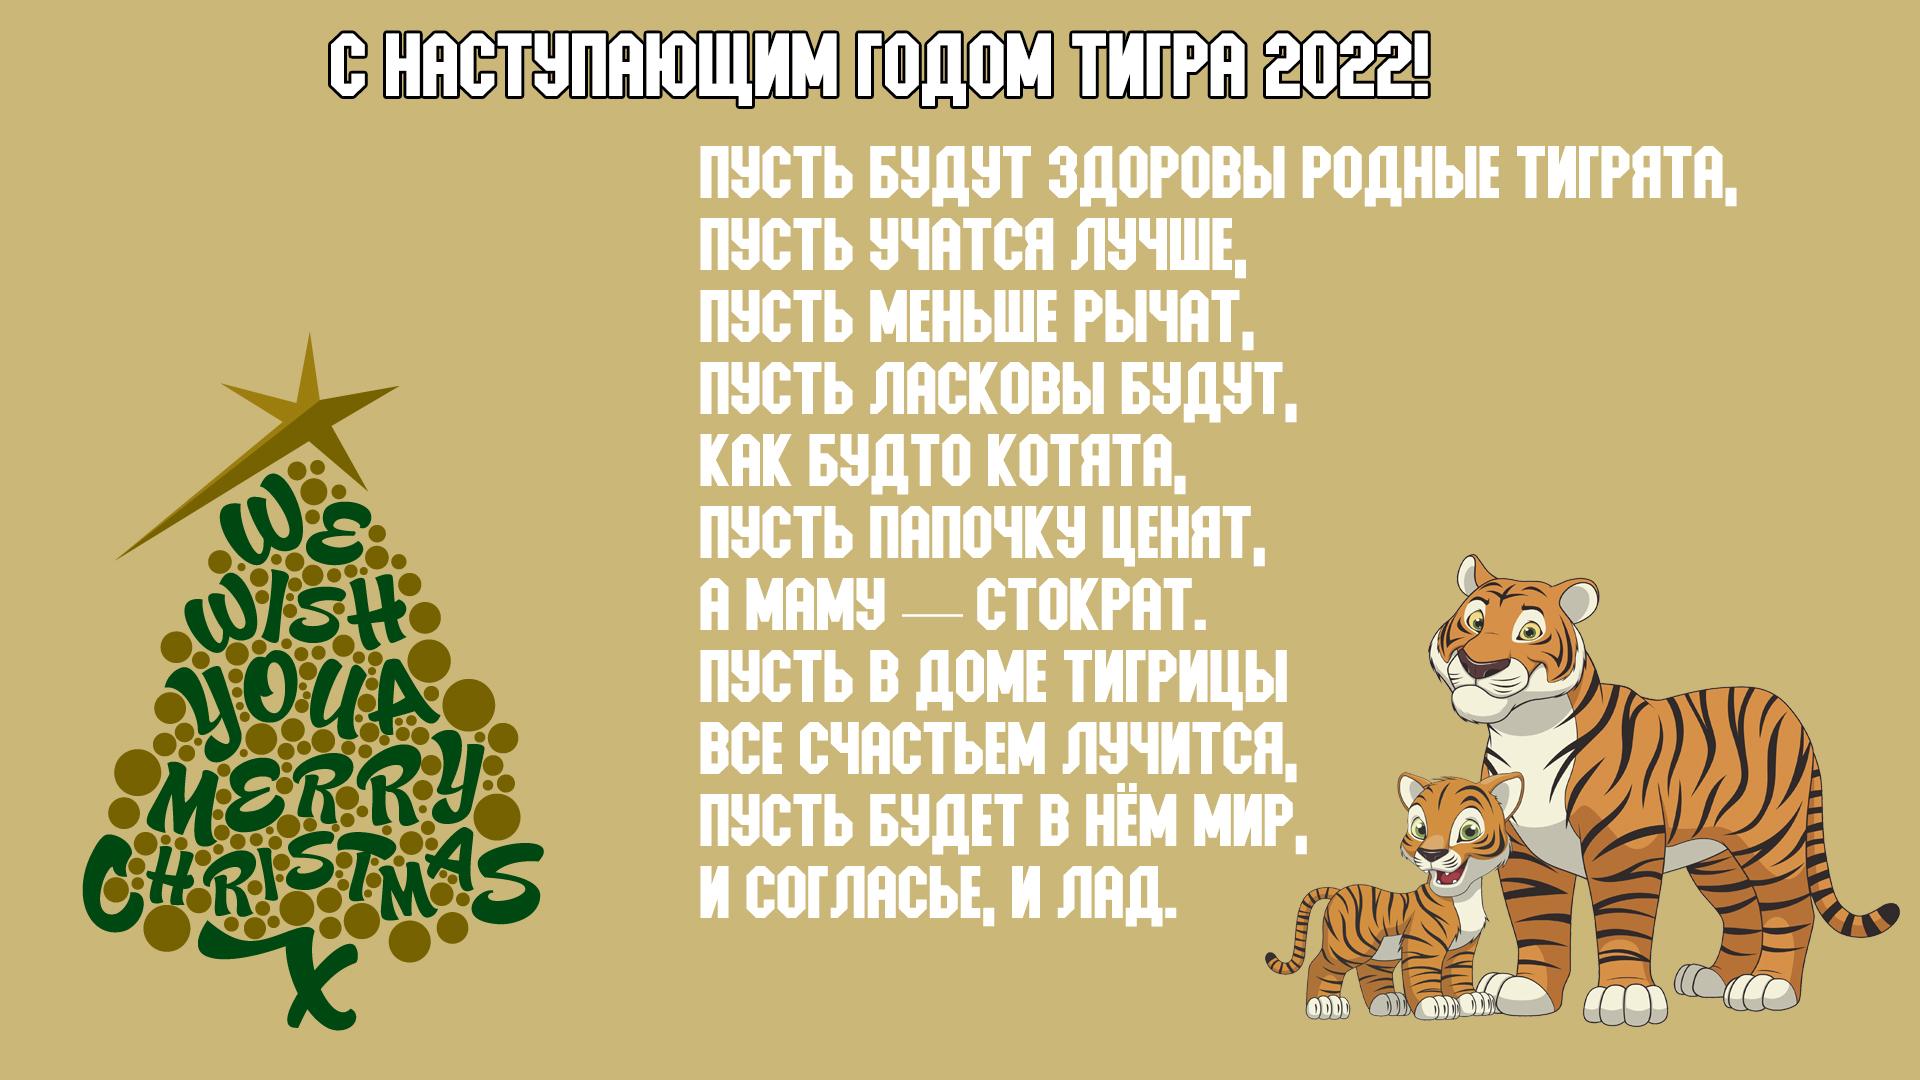 Красивые картинки с наступающим Новым годом 2022 (годом Тигра)